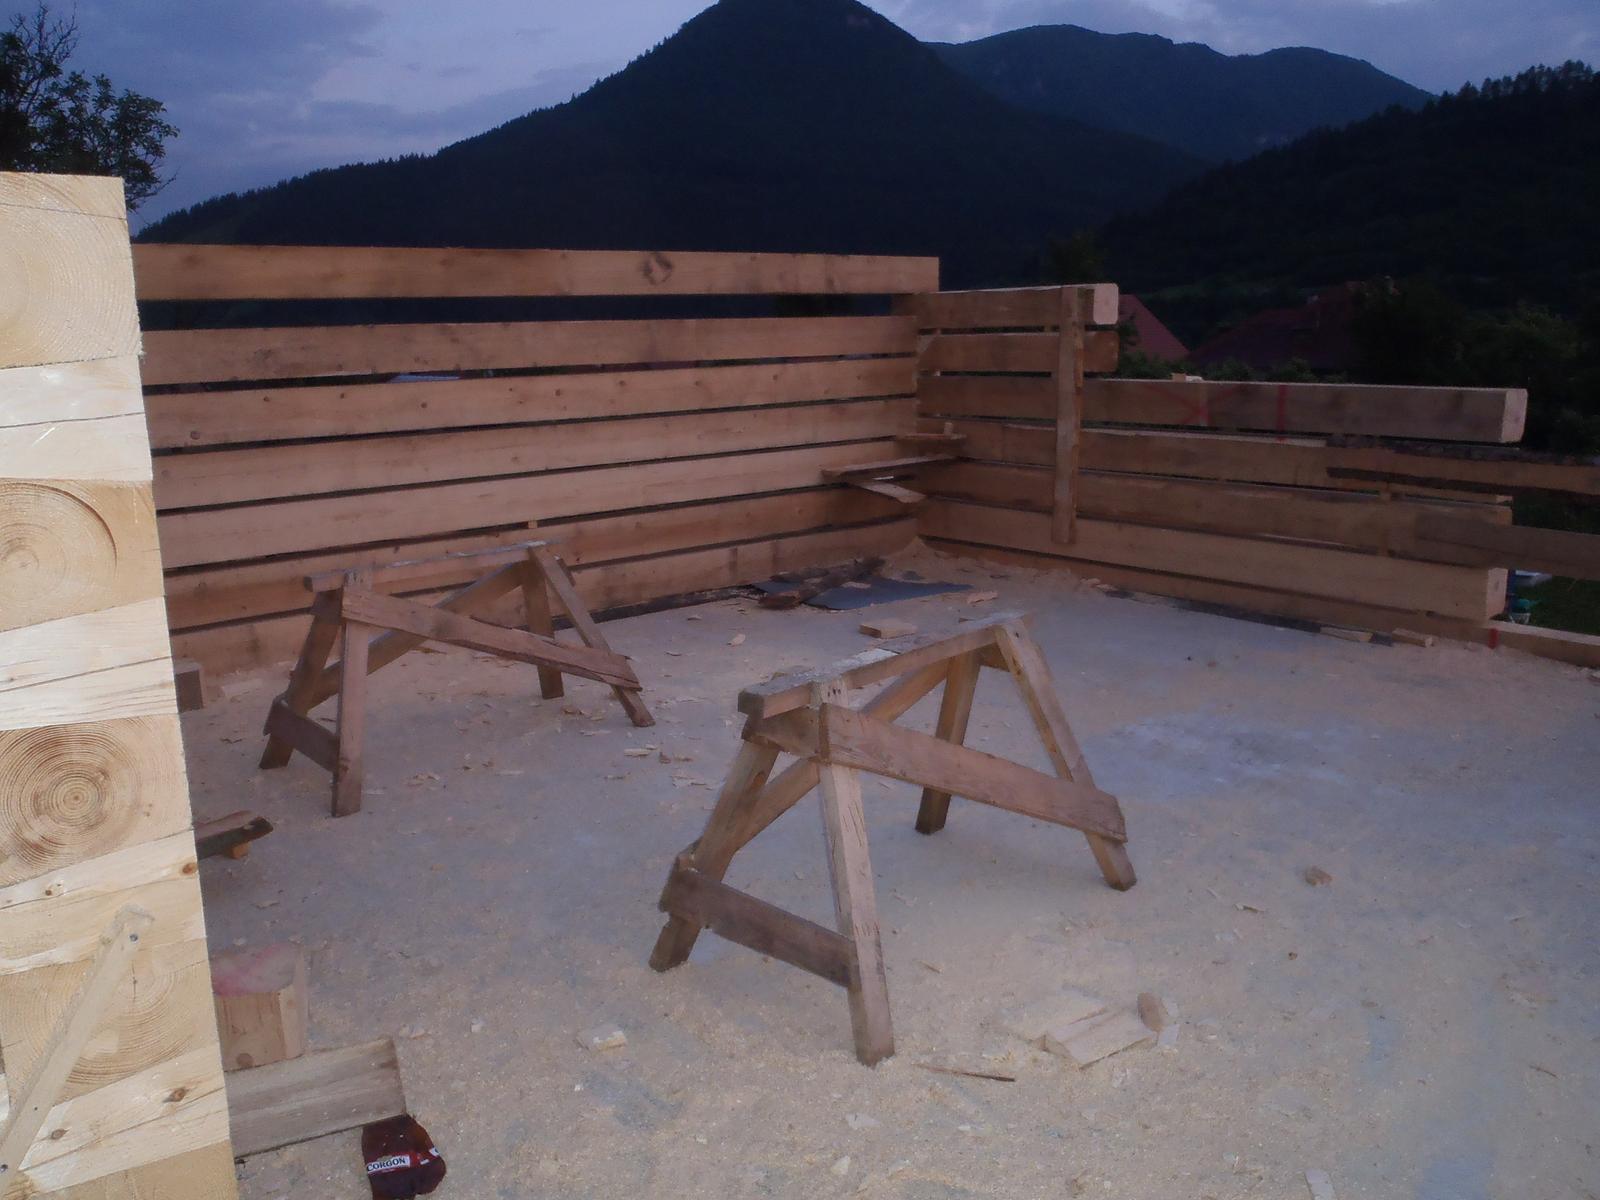 Náš veľký sen o drevenom domčeku! - Tu bude obyvačka